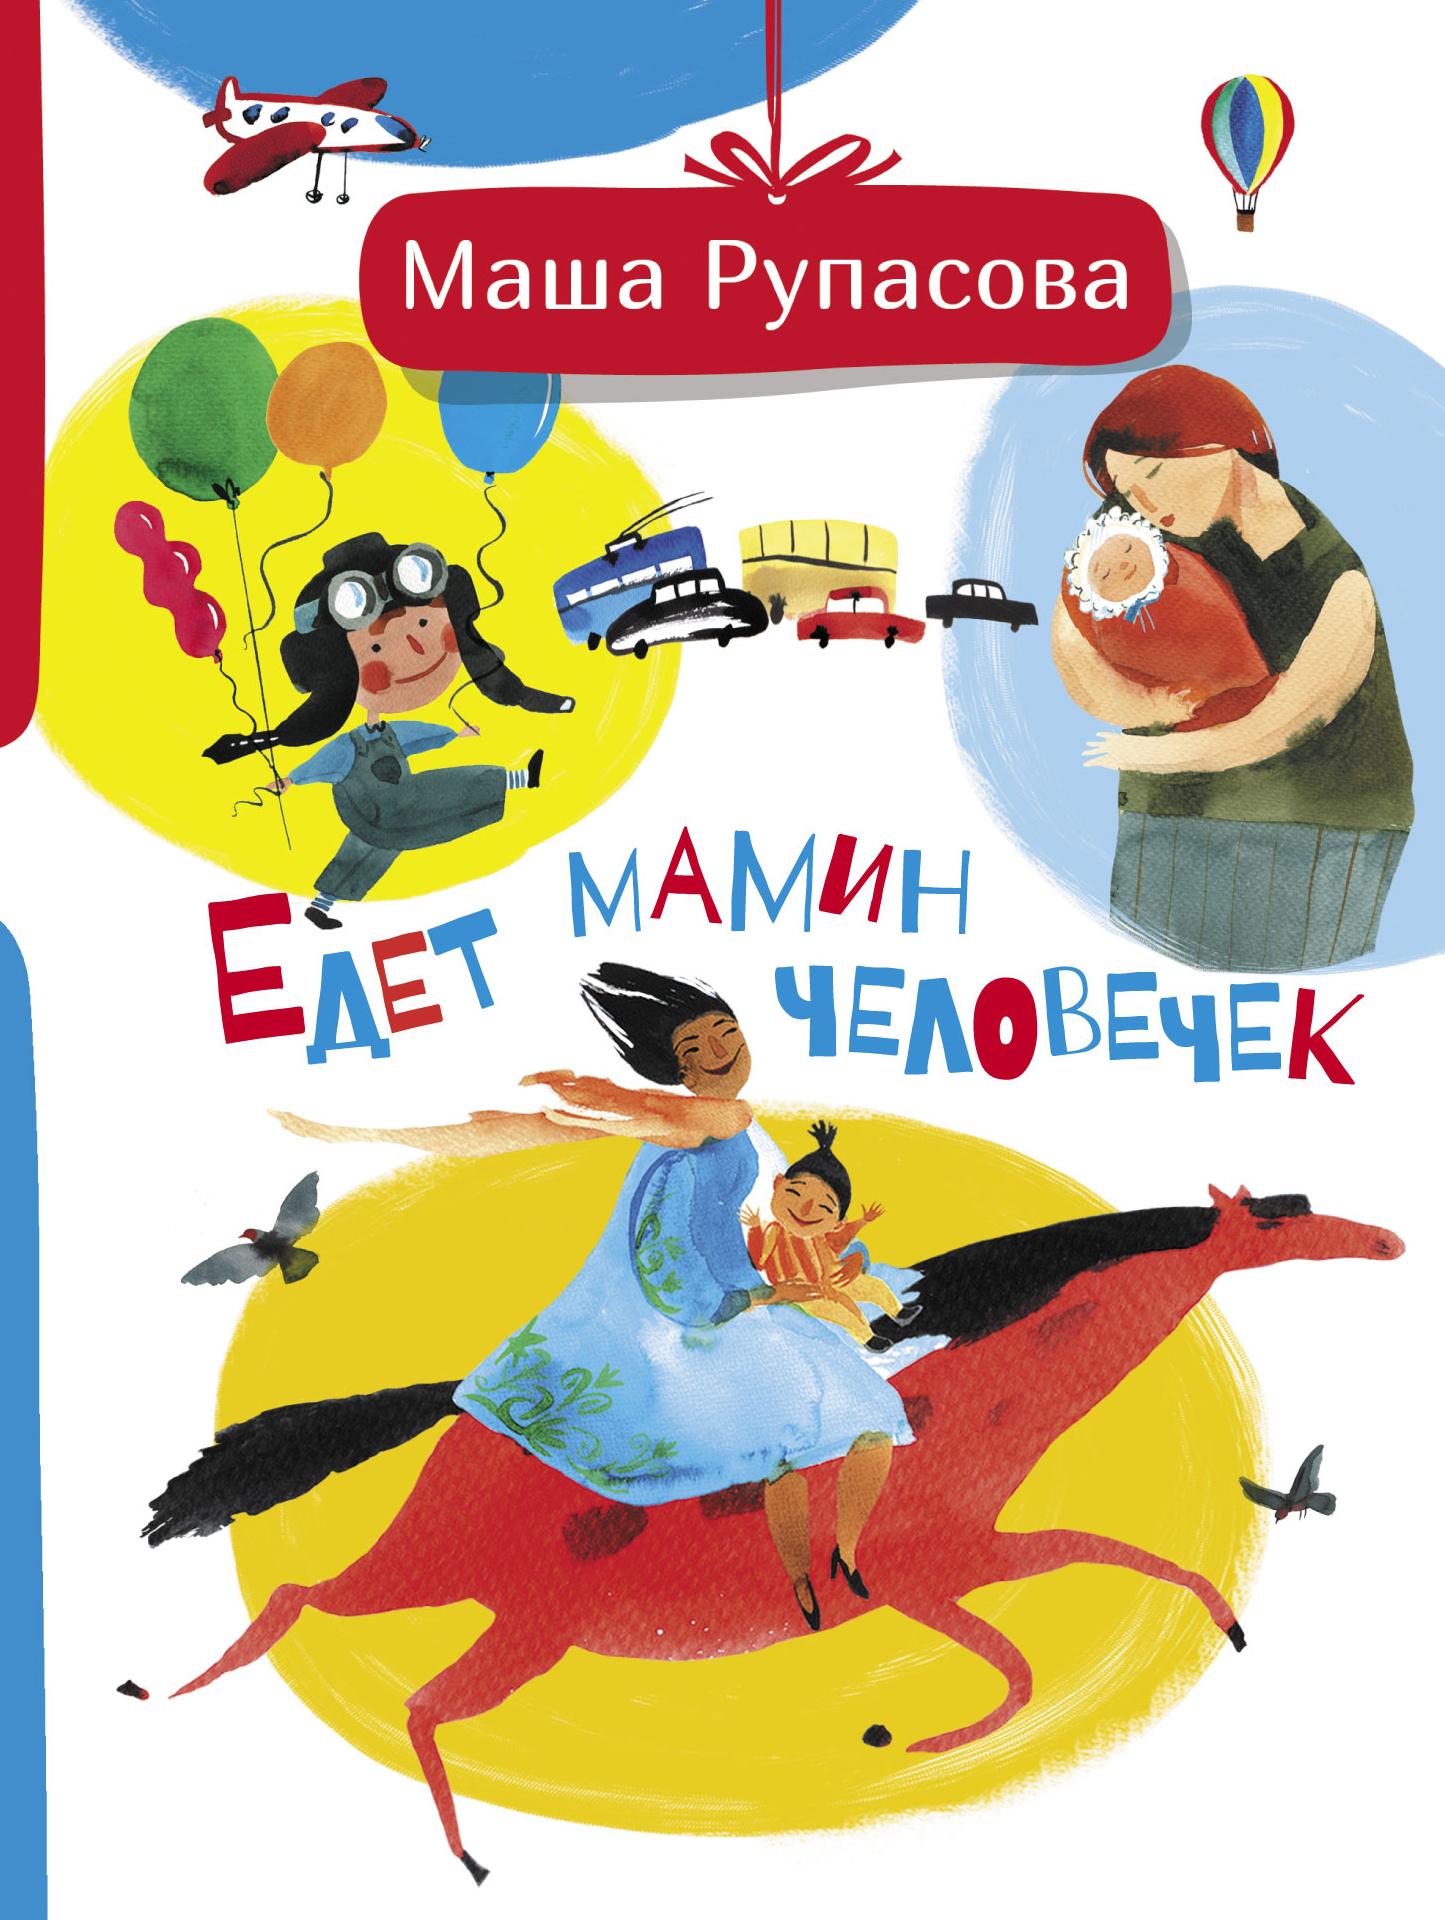 Мария Рупасова Едет мамин человечек ирина александровна парфёнова скрипичный человечек сборник стихотворений